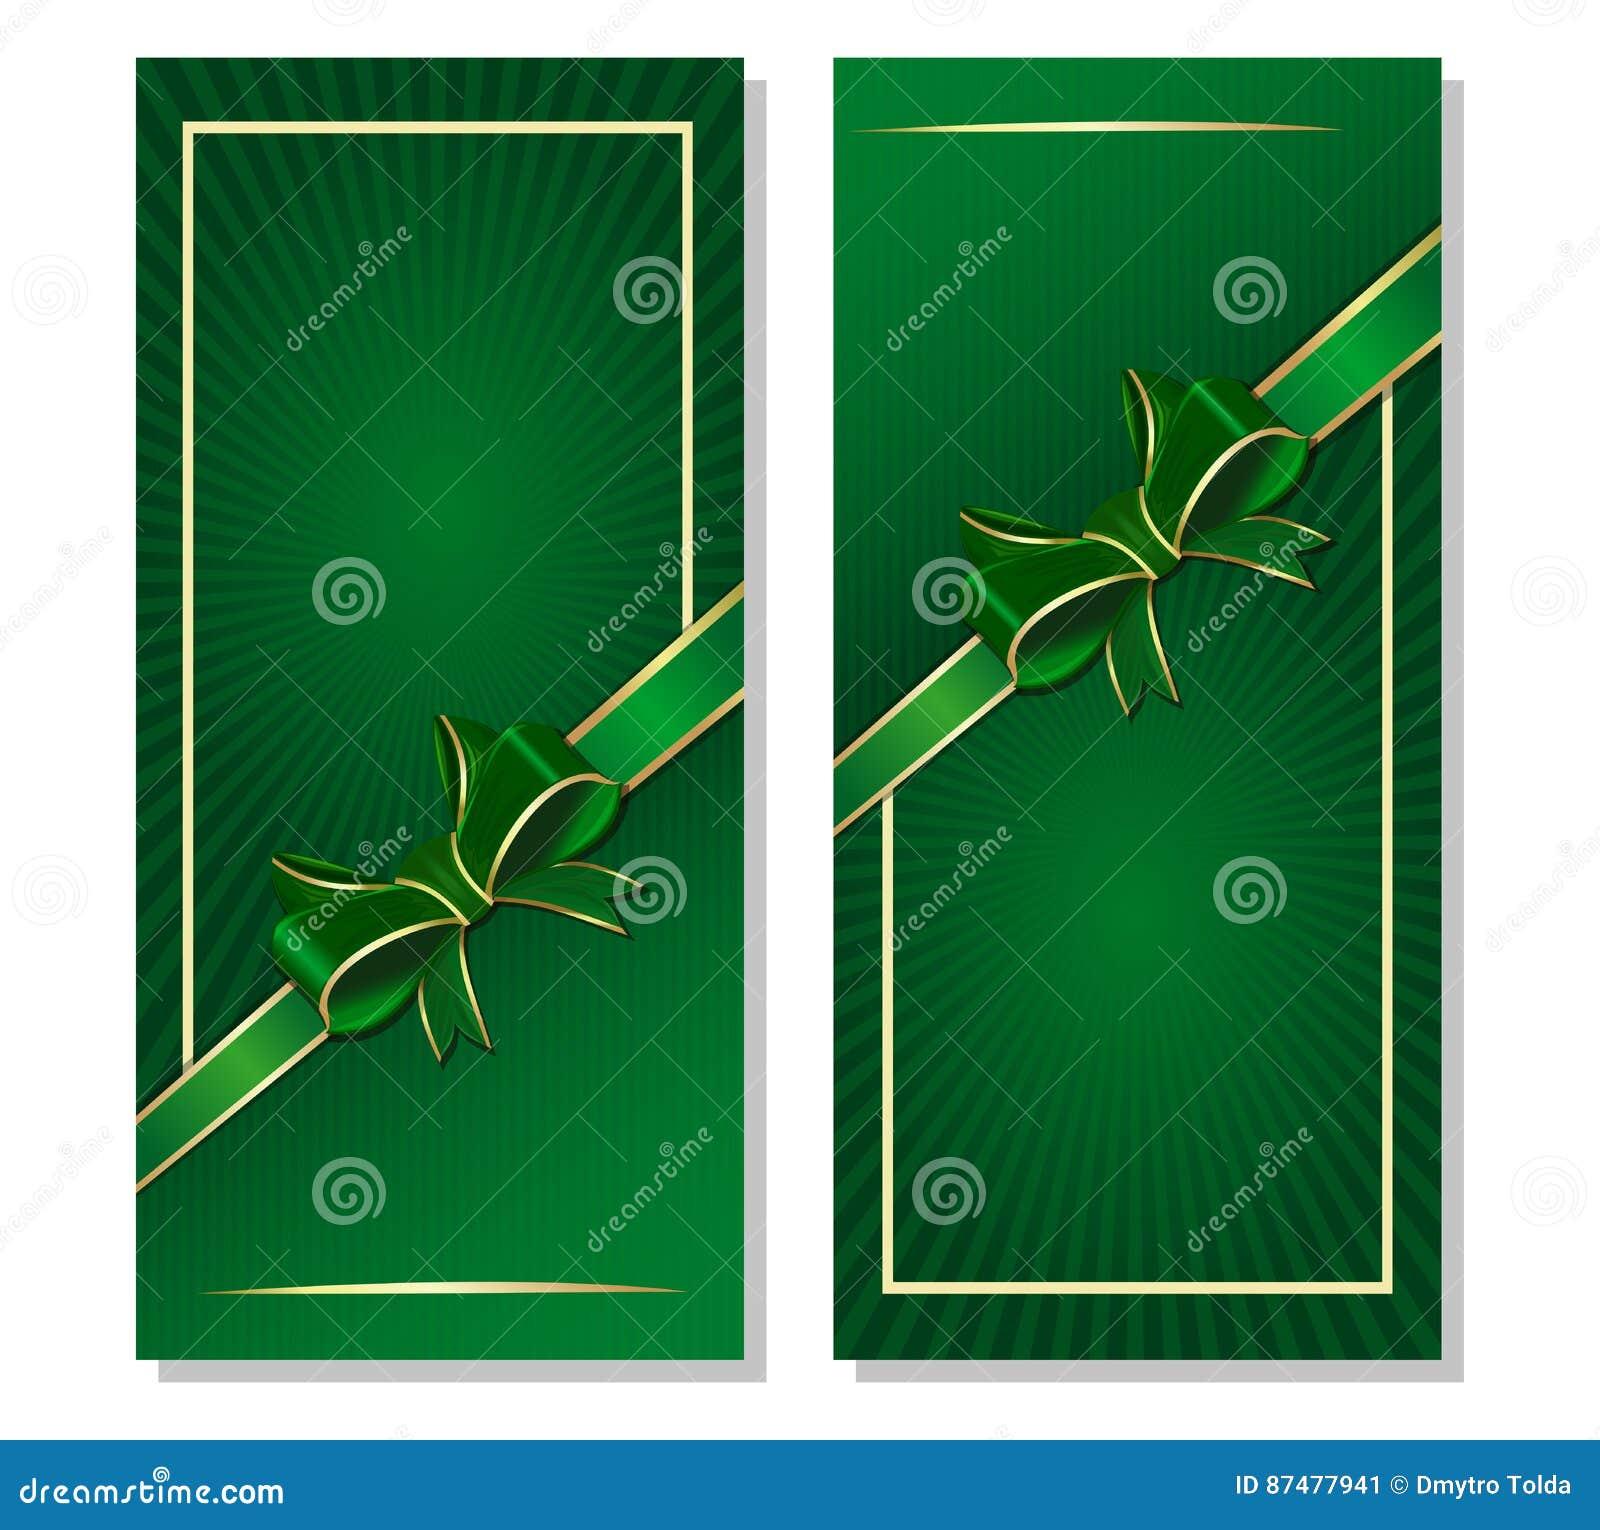 Πράσινο υπόβαθρο με την κορδέλλα και τόξο για την ημέρα του ST Patricks και τα εορταστικά γεγονότα